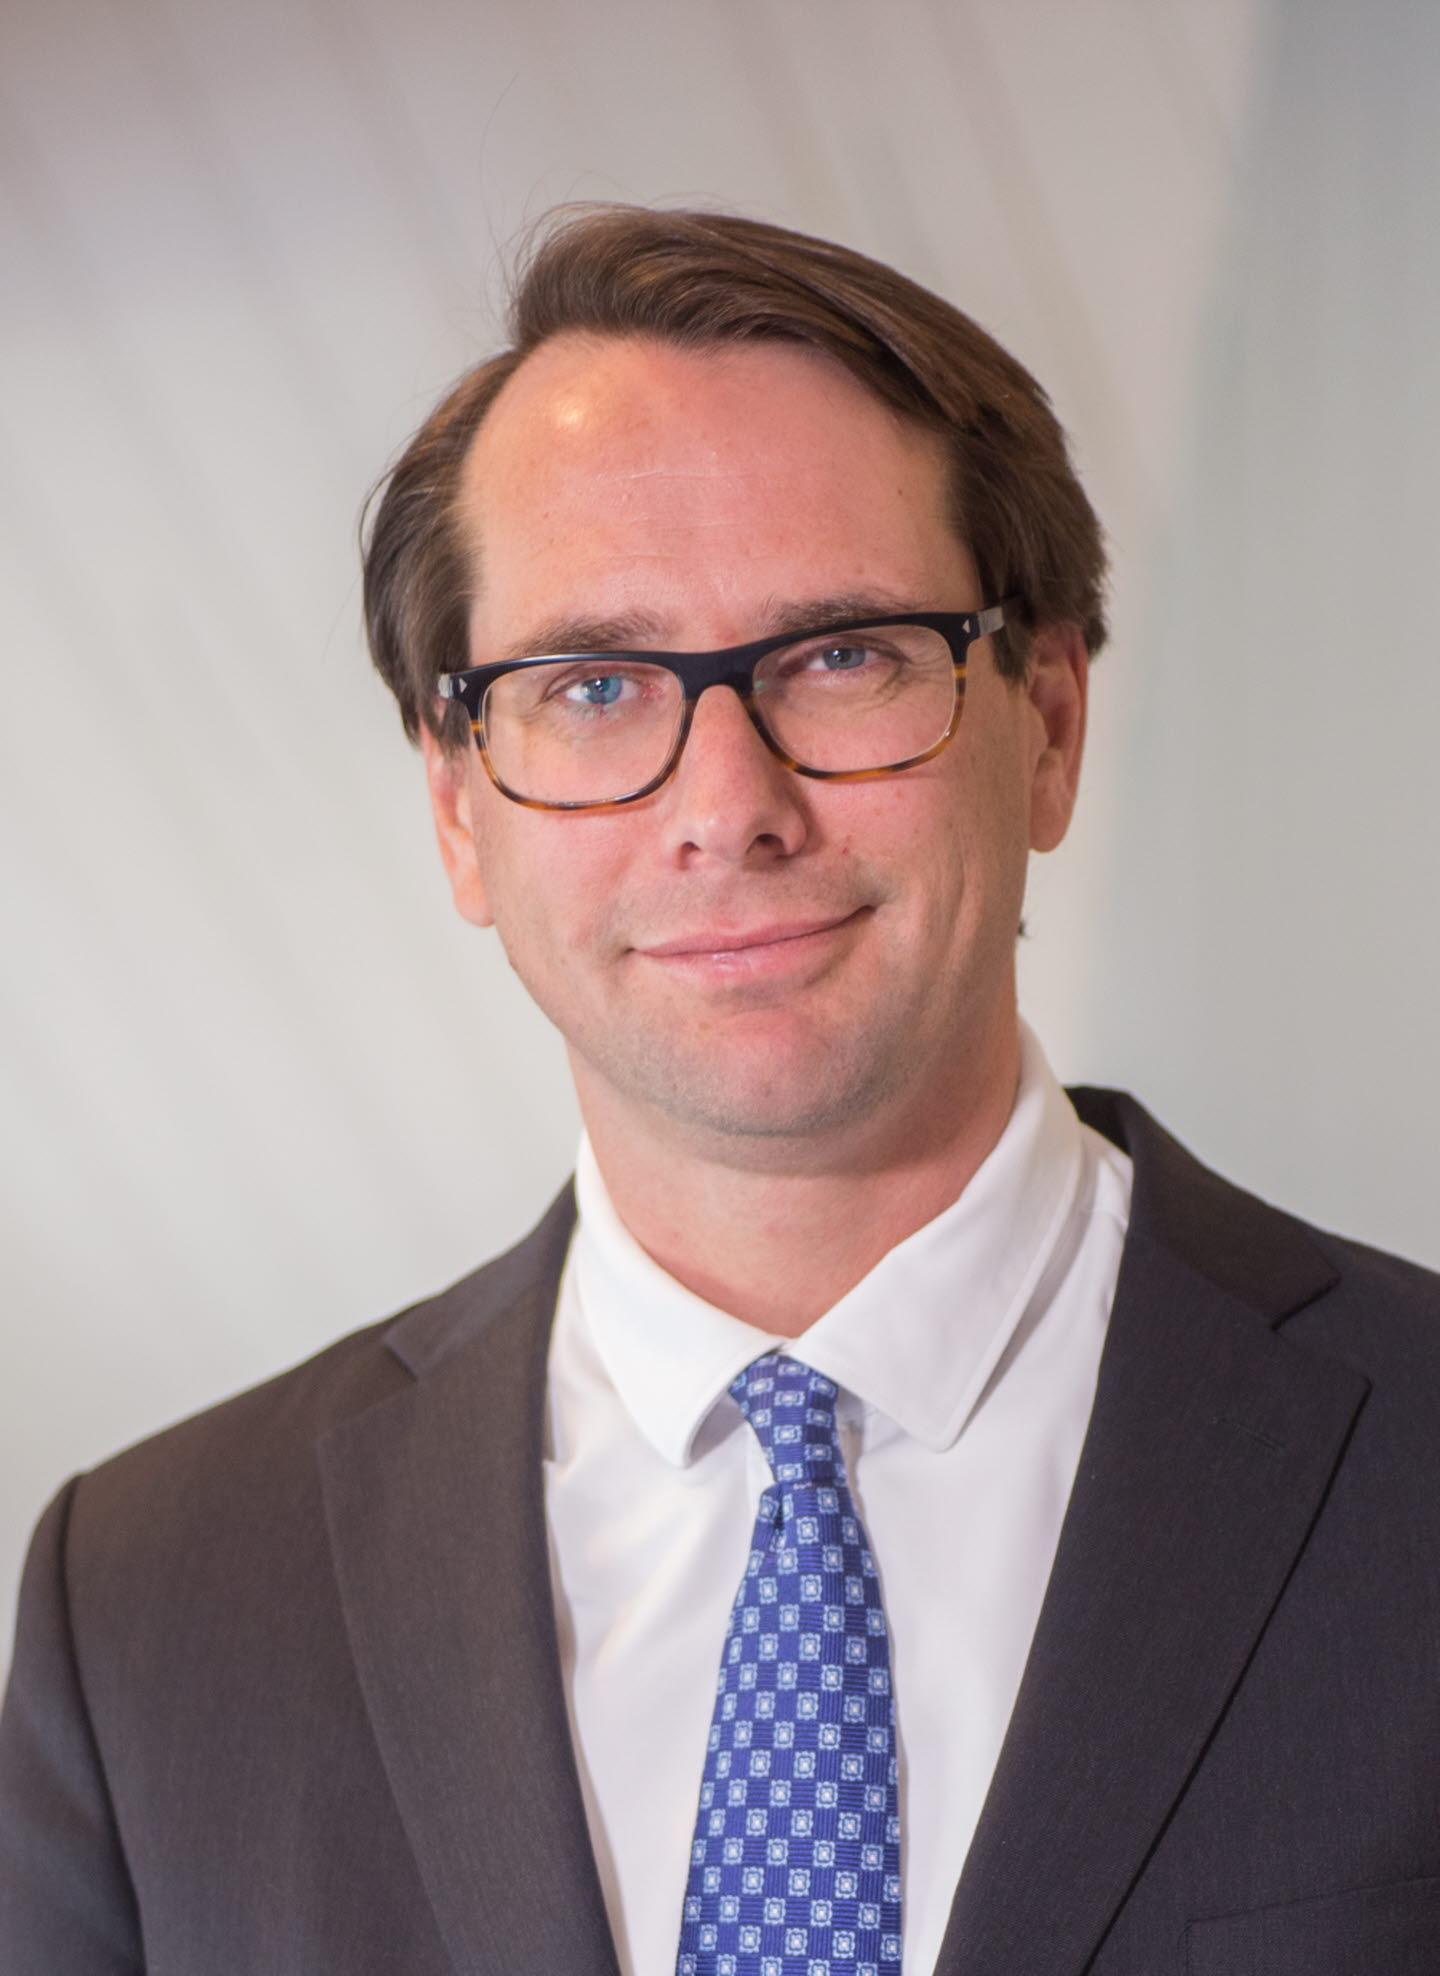 Toby Lawton, ekonomi– och finansdirektör, SCA.